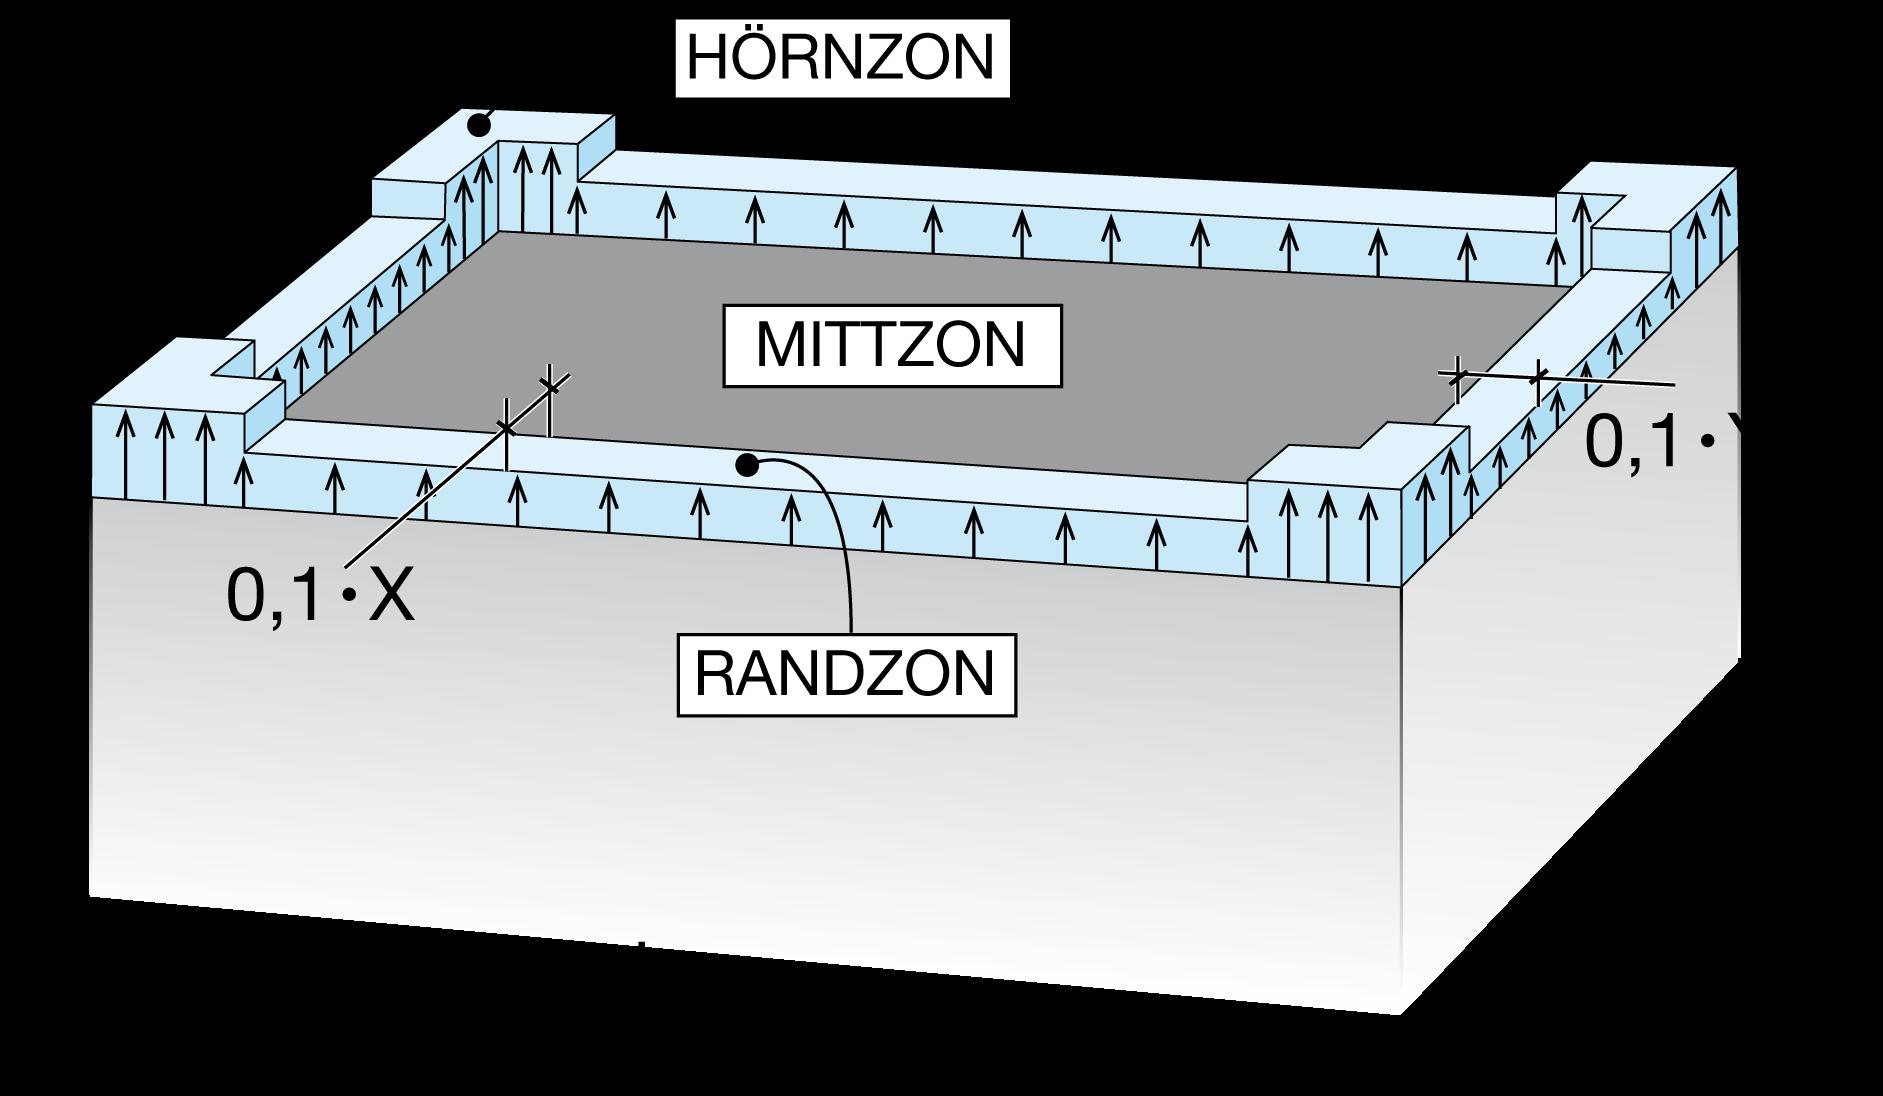 Figur 7:32 a. Zonutbredning för pulpet med lutning 1/10 (5,7°) enligt Eurokod 1. <br /> <br /> Formfaktorn Cpe för pulpettak:<br /> Hörnzon = -2,6<br /> Randzon = -2,0<br /> Mittzon   = -1,2<br /> <br /> <br /> x = minsta värdet av l eller 2h<br /> y = minsta värdet av b eller 2h